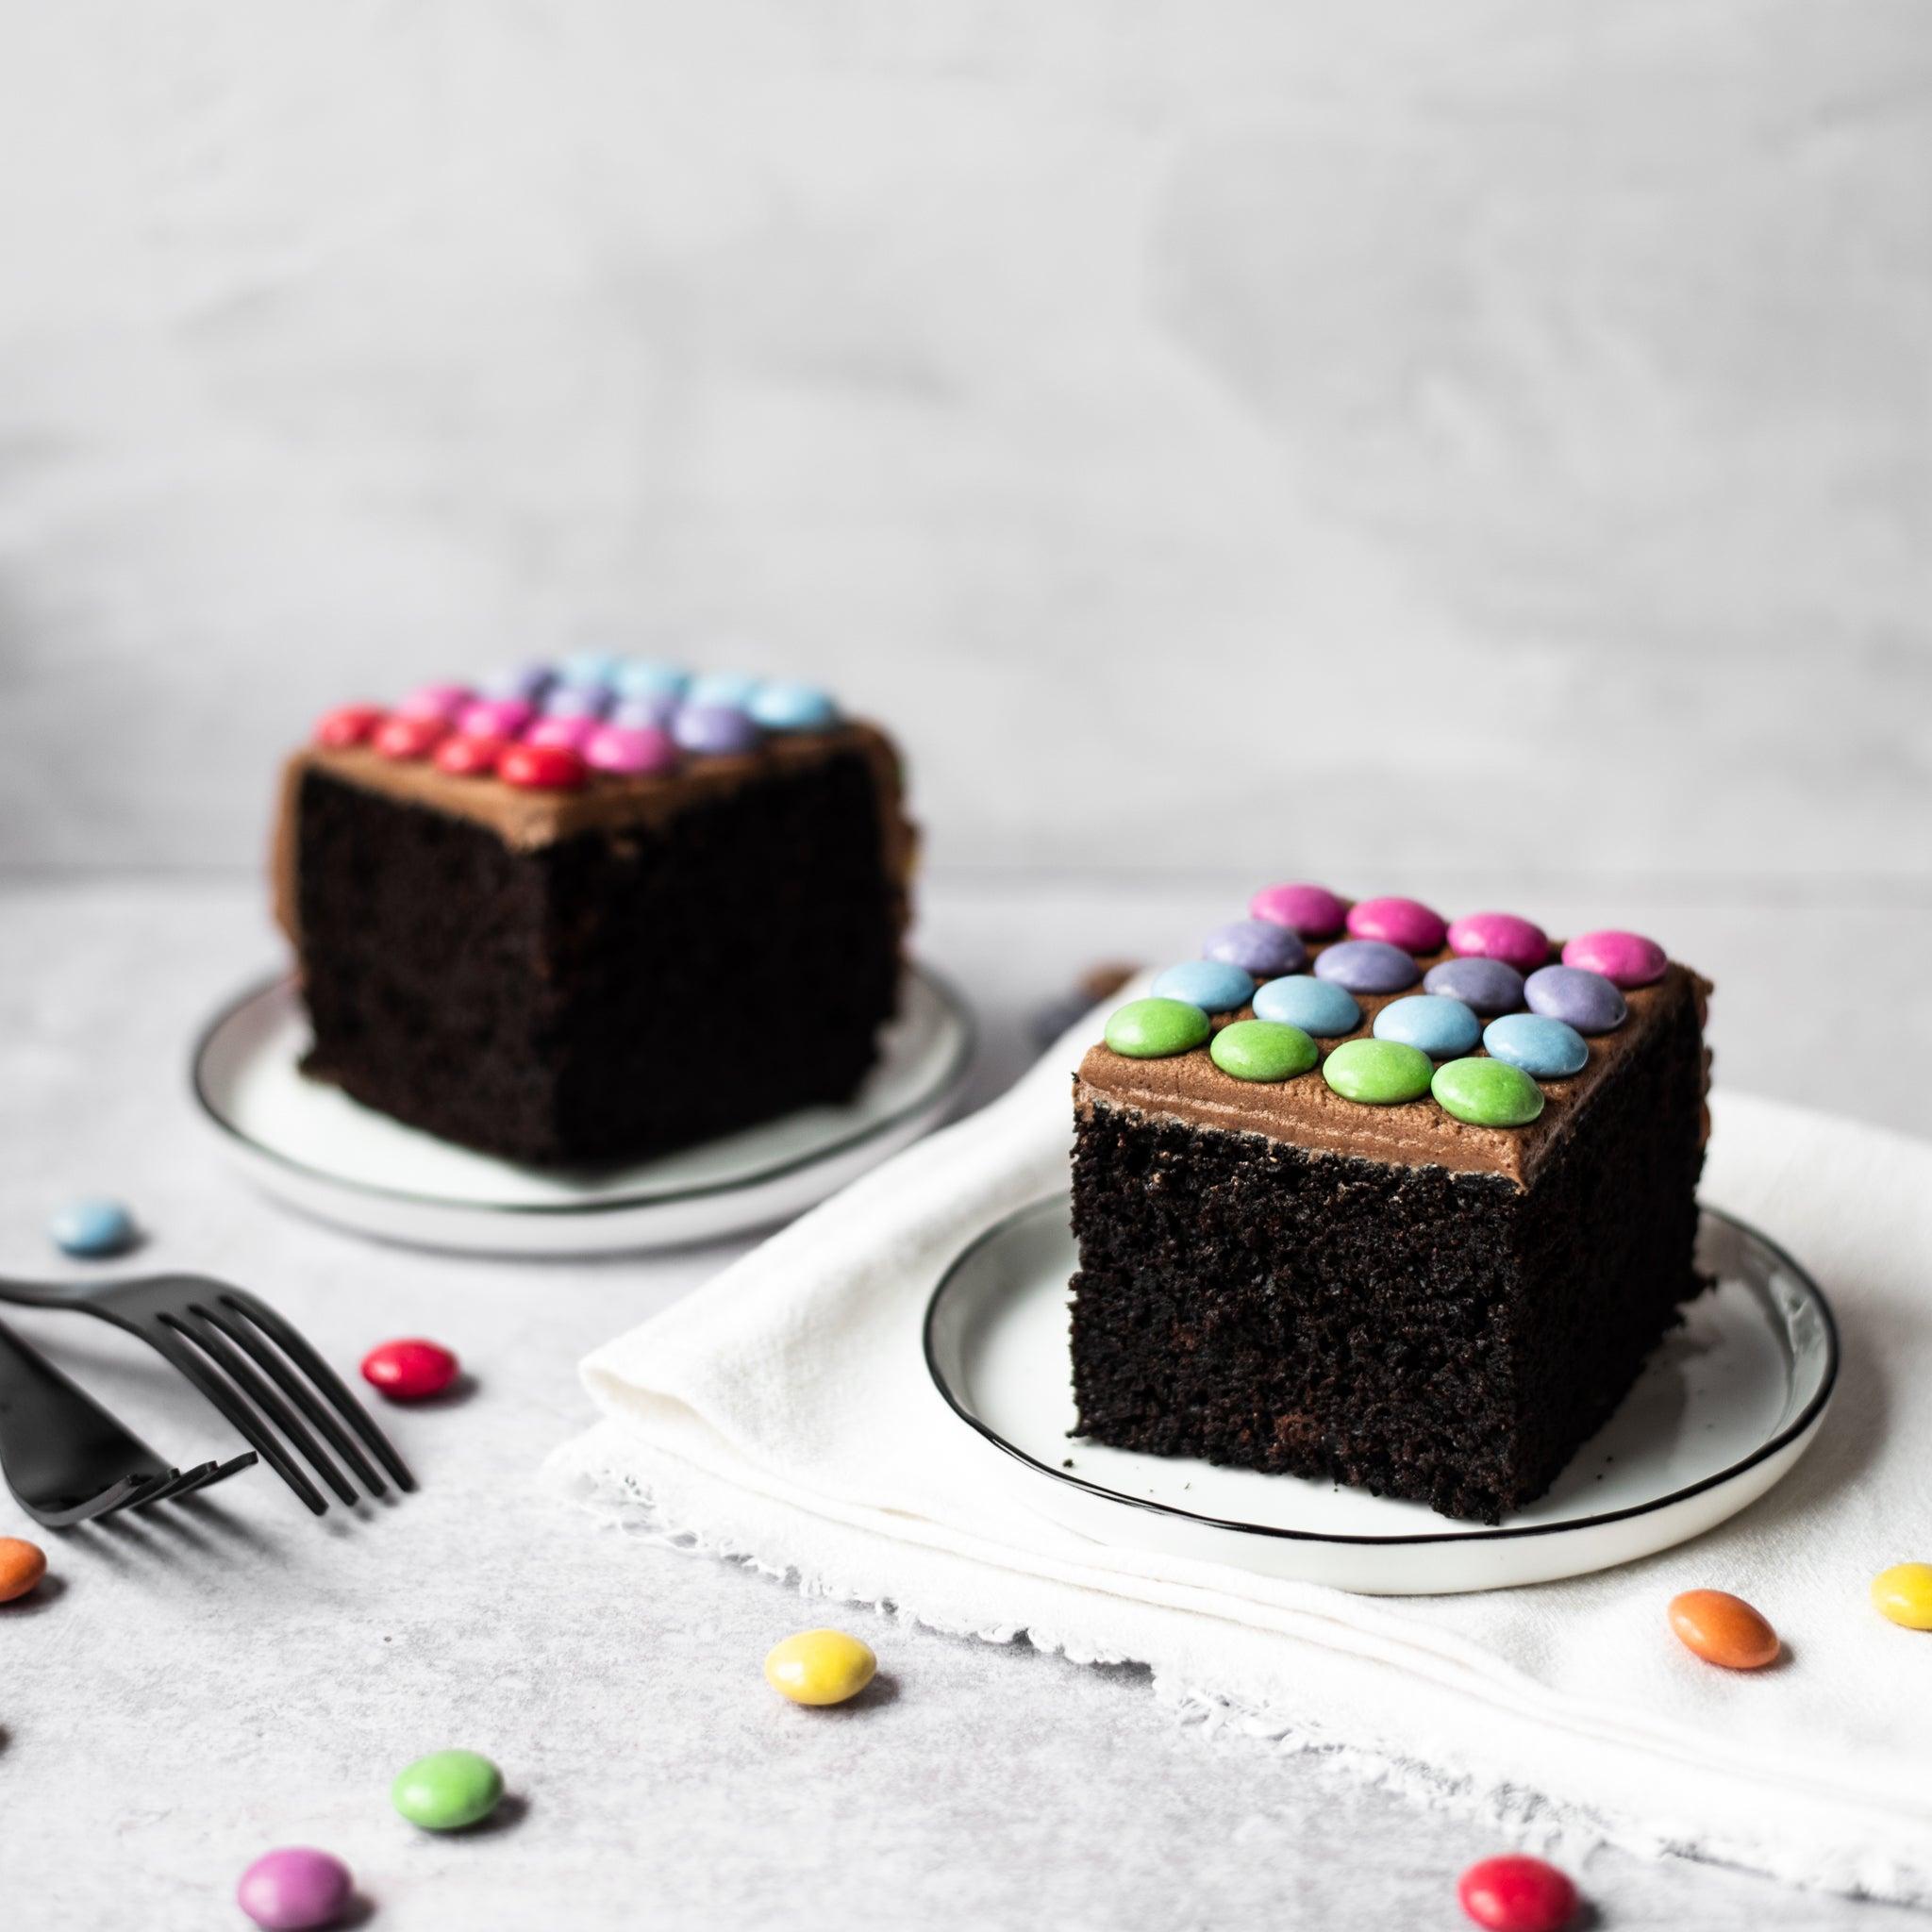 Smarties-Chocolate-Cake-SQUARE-7.jpg